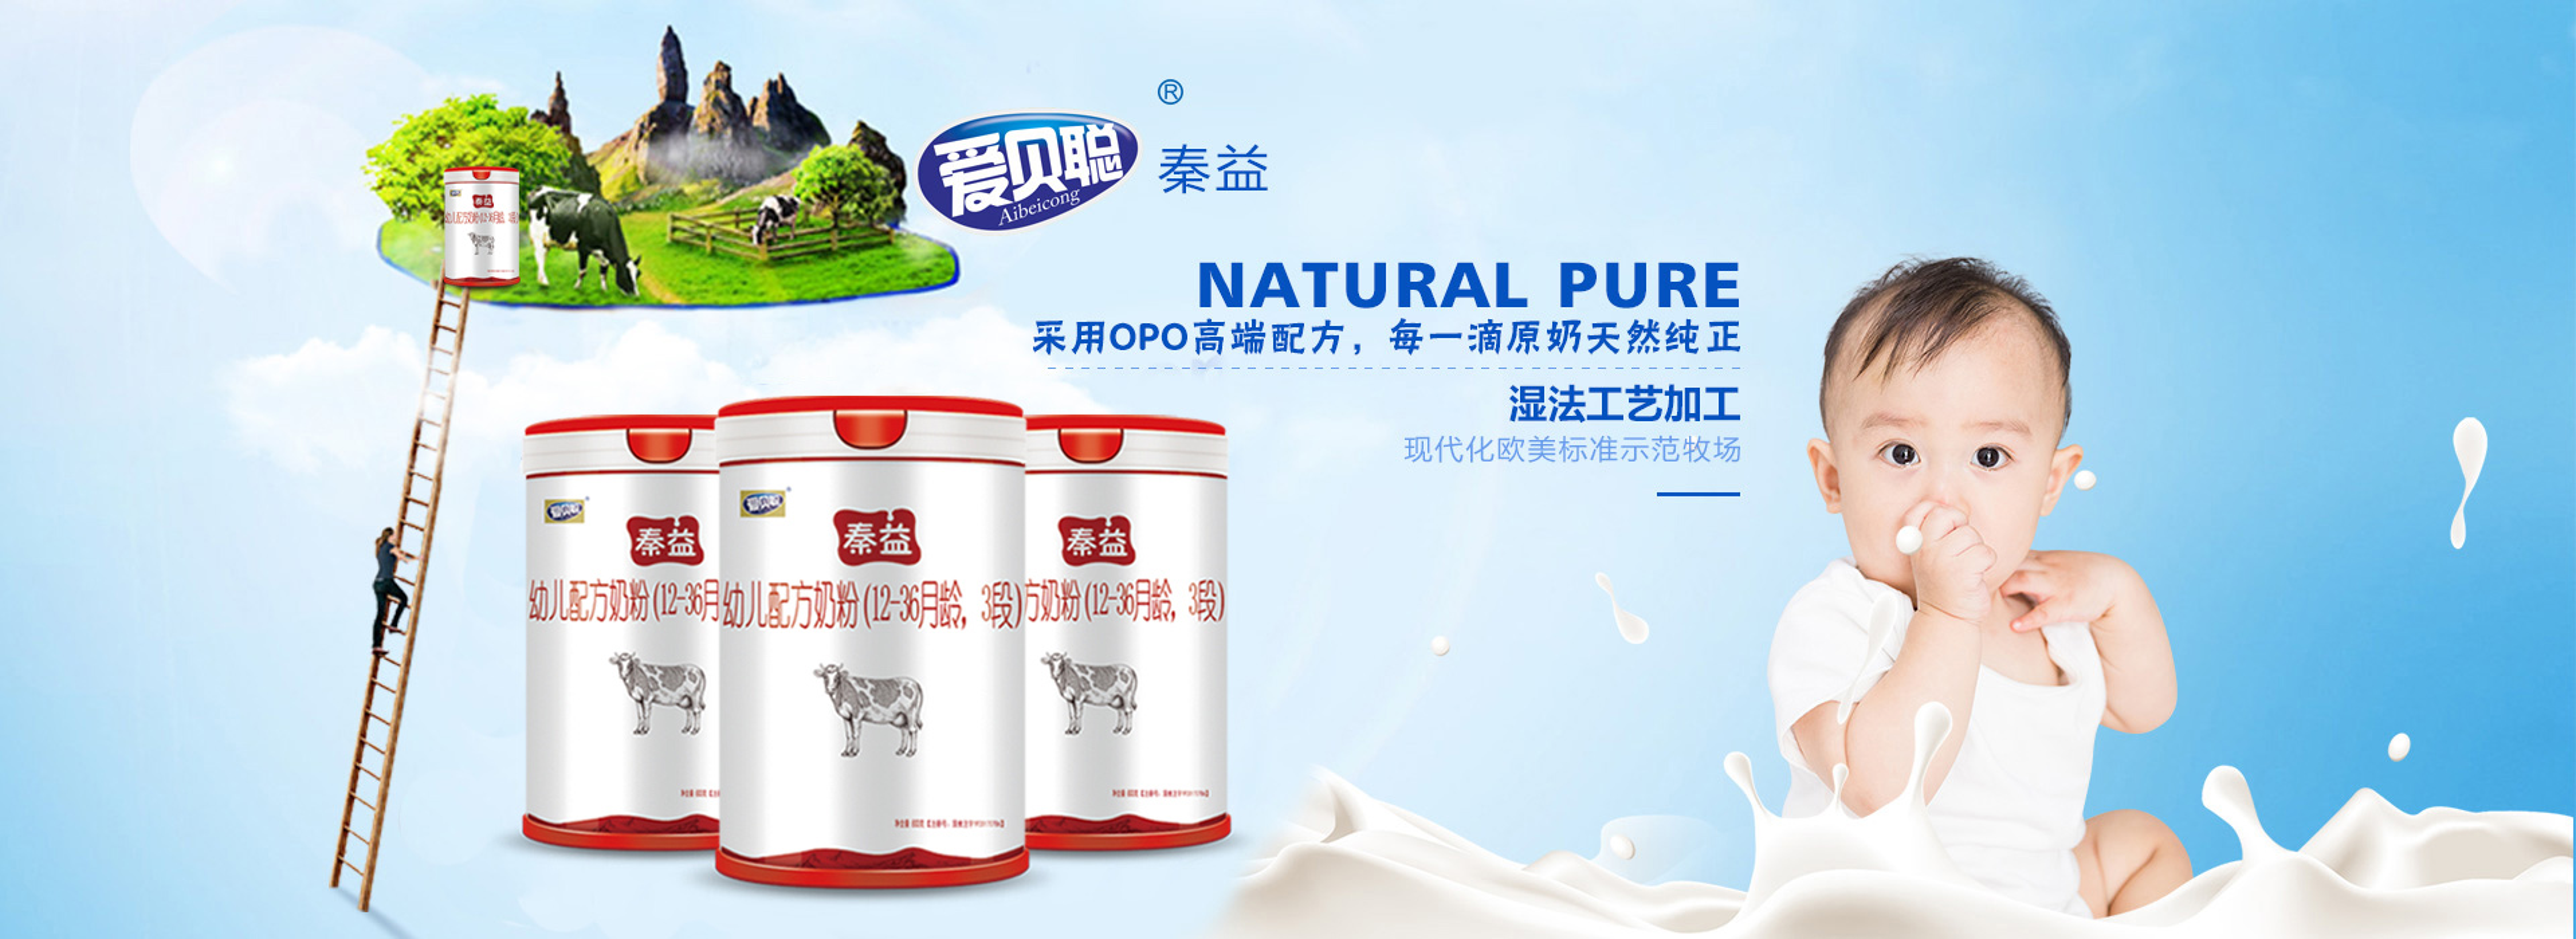 sbf胜博发官方网站手机版乳业(全称:陕西省sbf胜博发官方网站手机版县乳品实业有限公司),是一家专业的乳制品制造商,专注乳品的研发和经营。